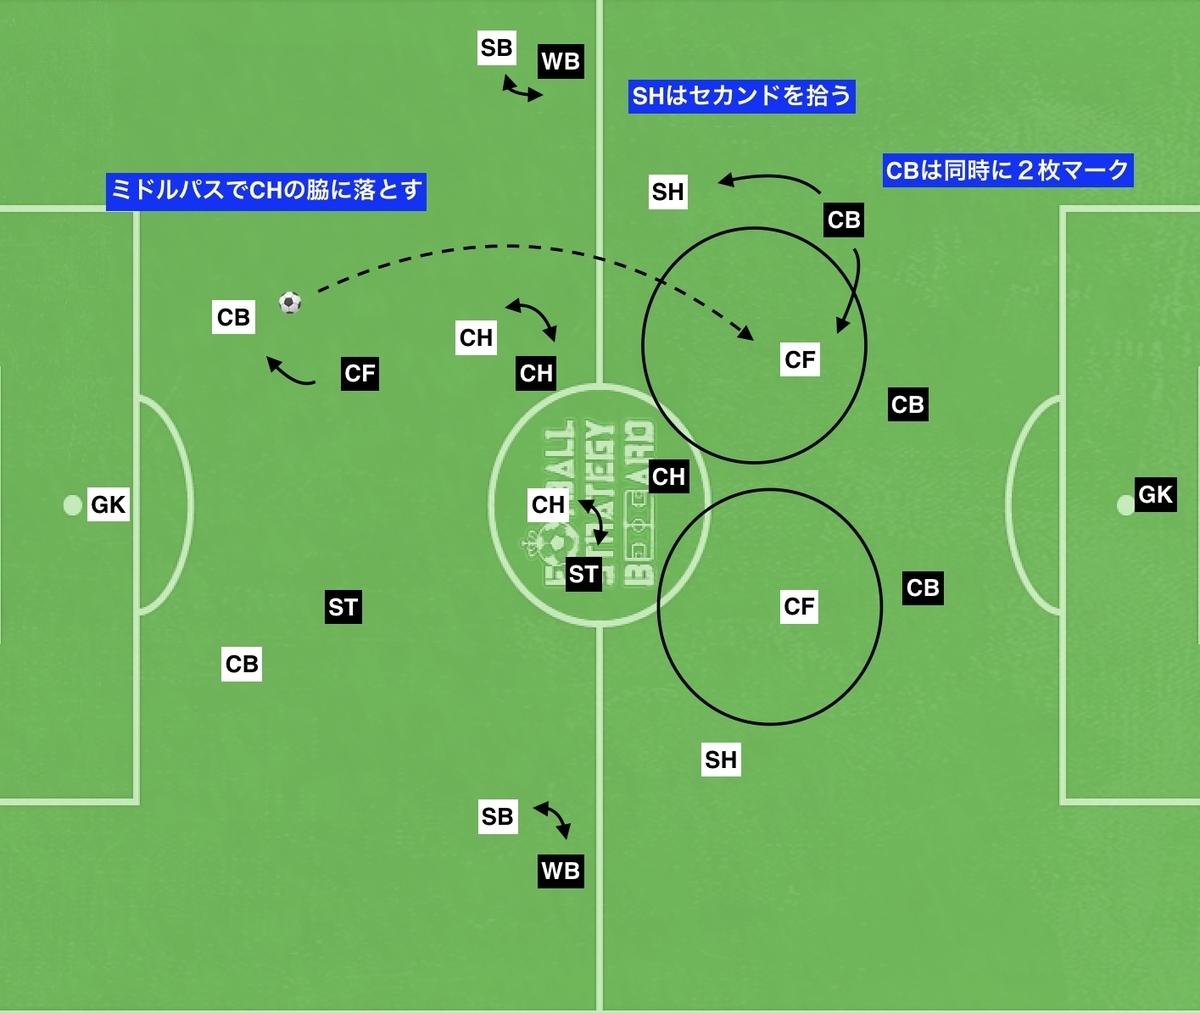 f:id:football-analyst:20191020112439j:plain